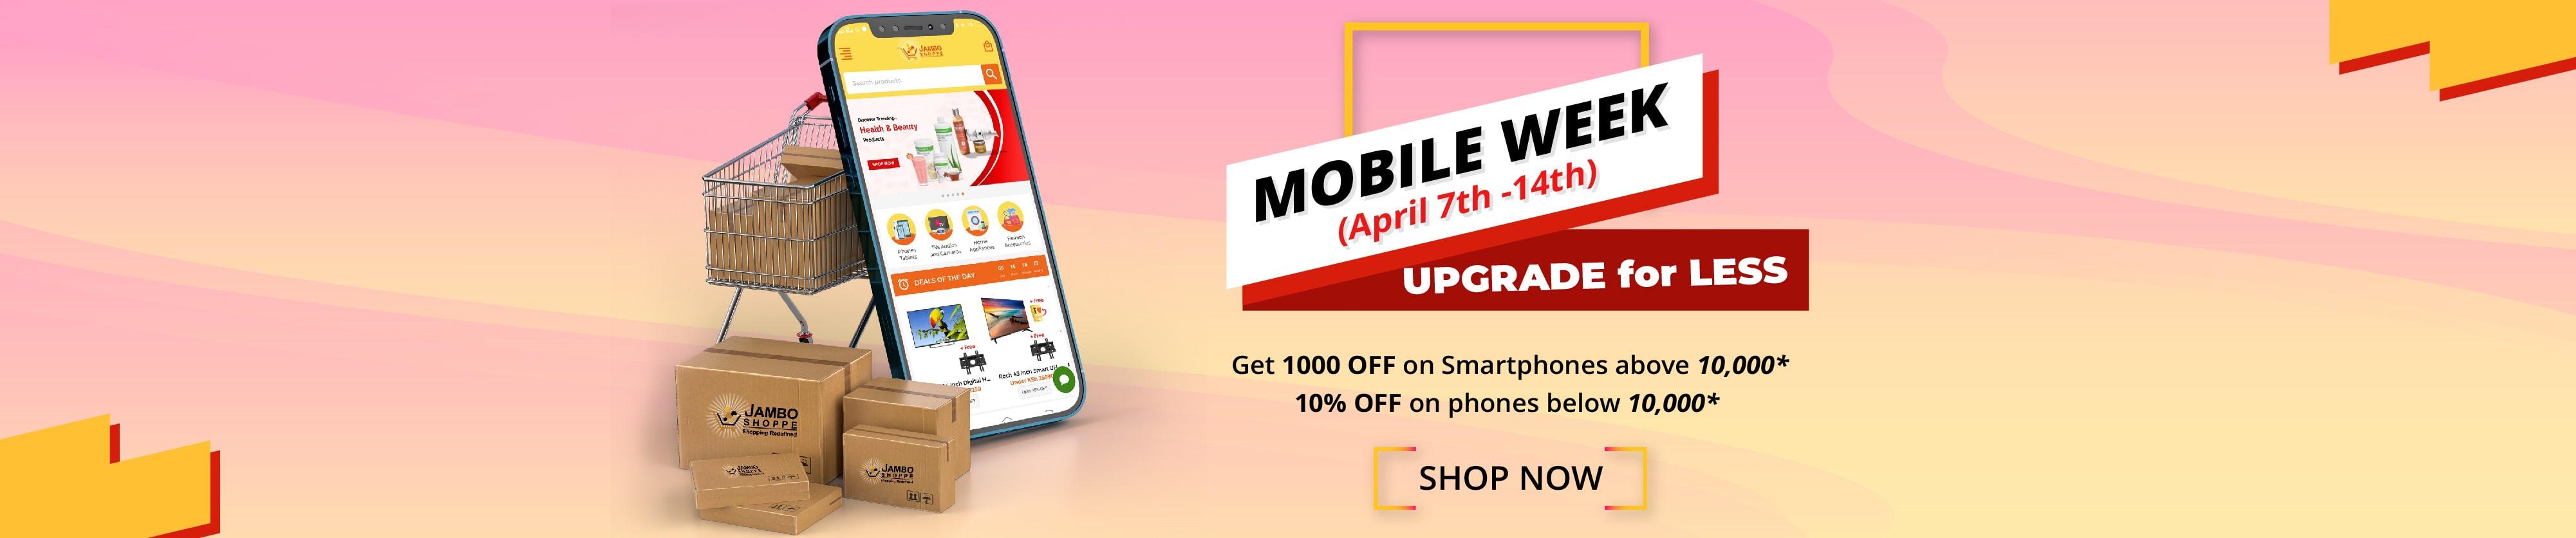 MOBILE WEEK PHONES